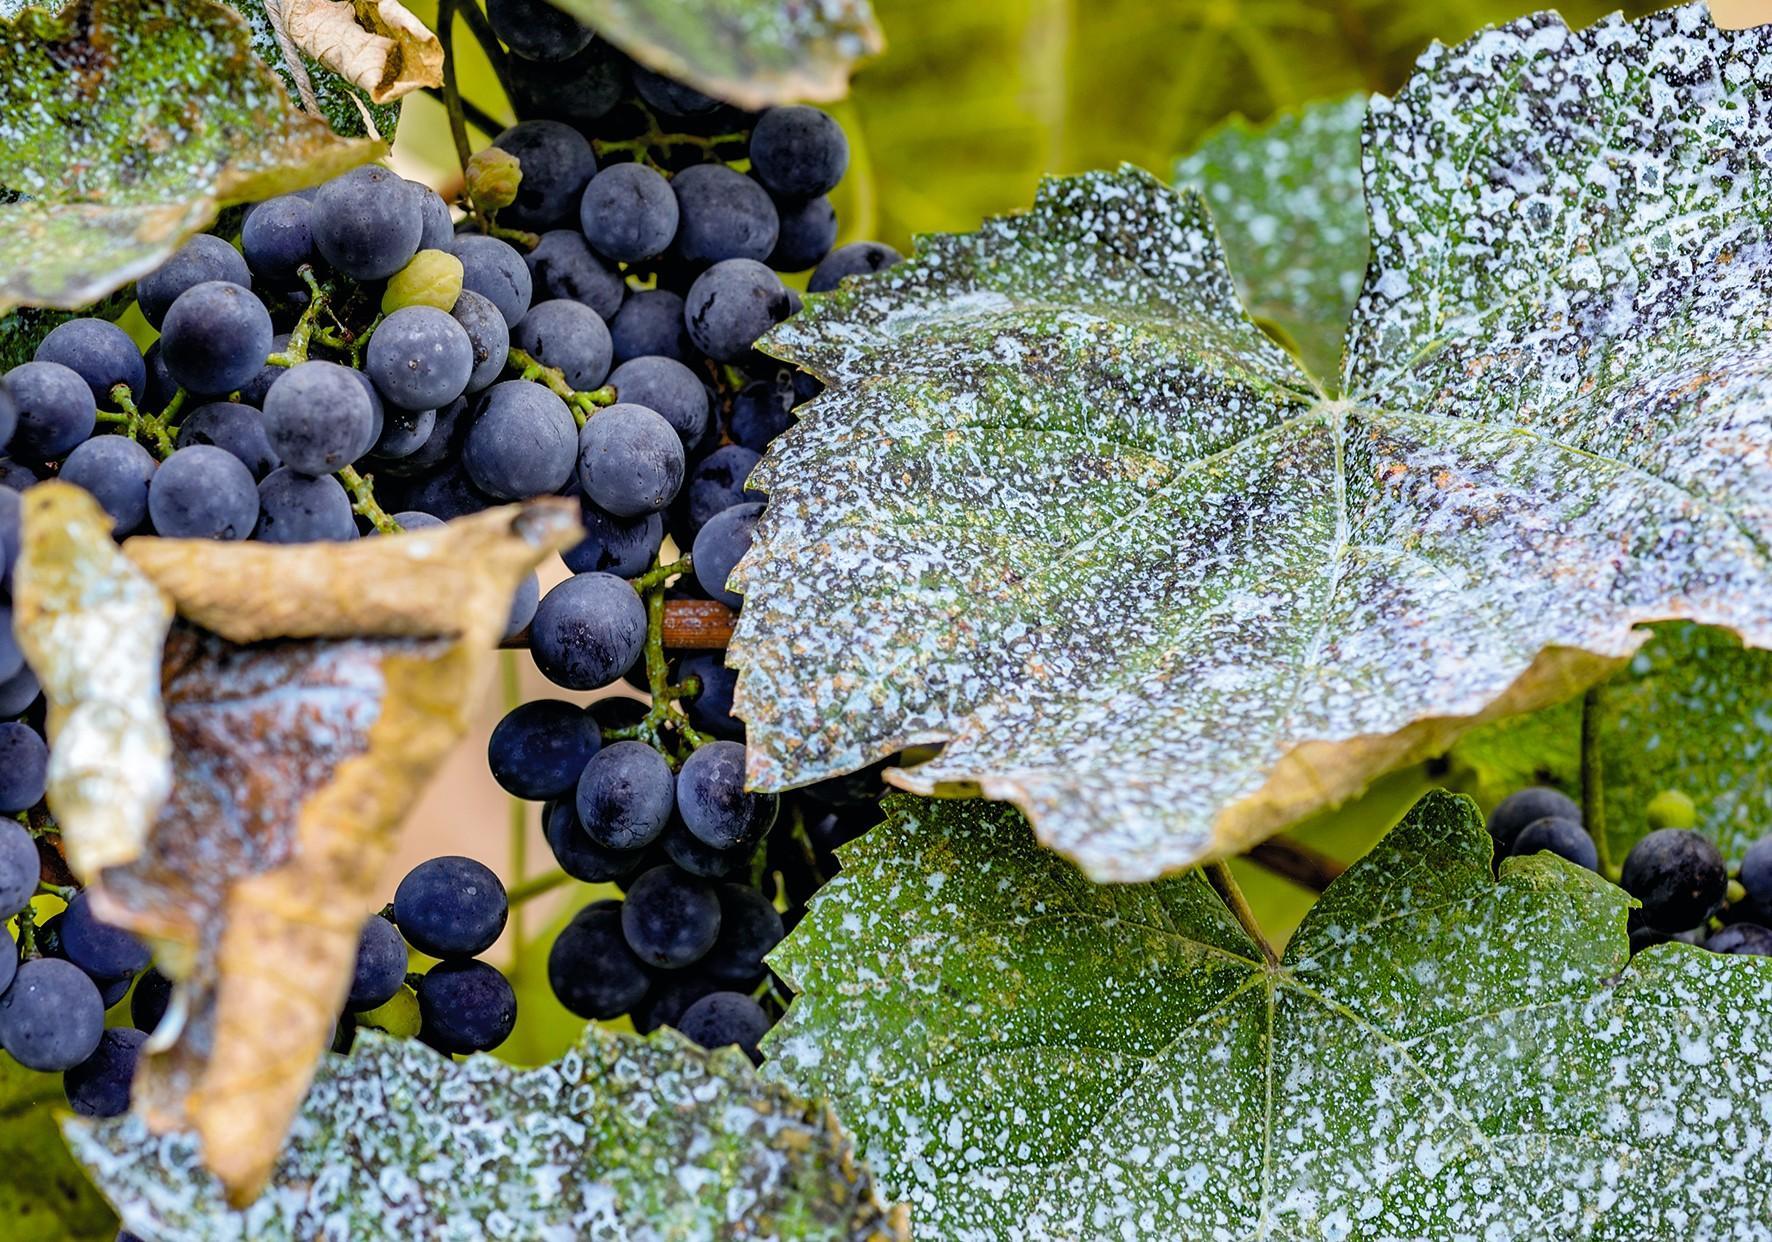 Bouillie bordelaise sur des feuilles de vigne